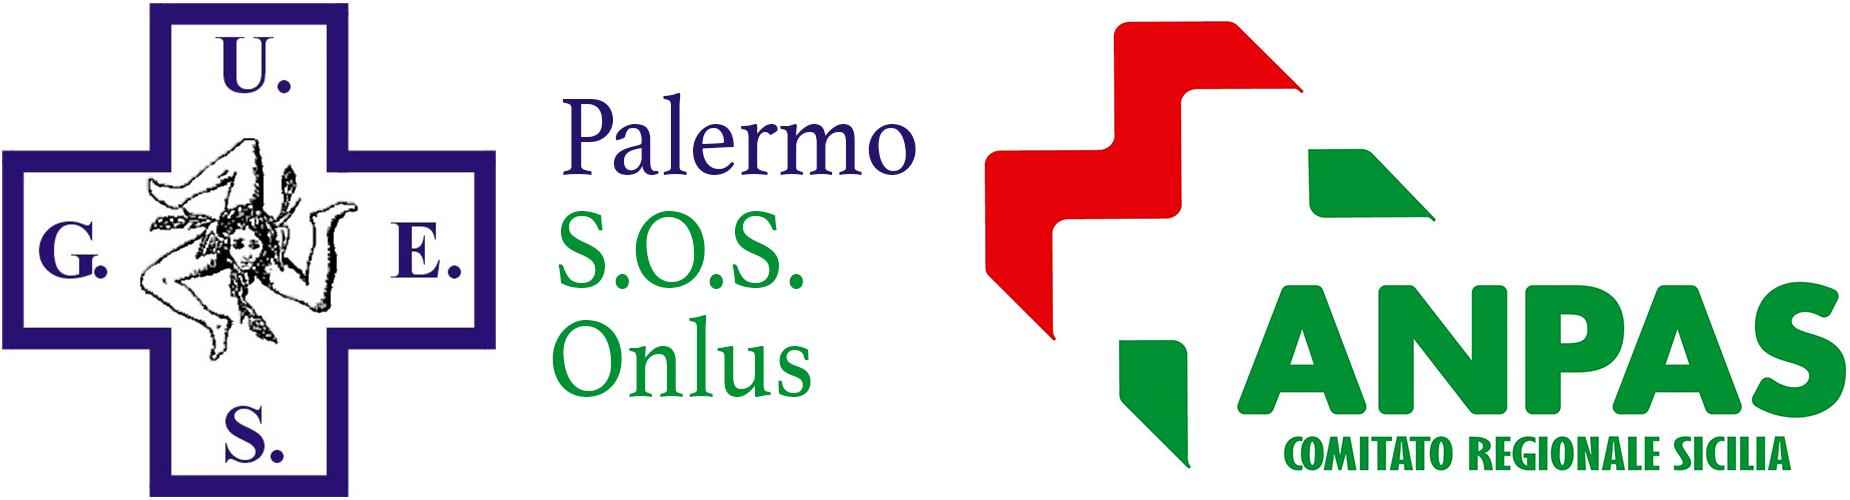 U.G.E.S.  S.O.S.  Palermo Onlus